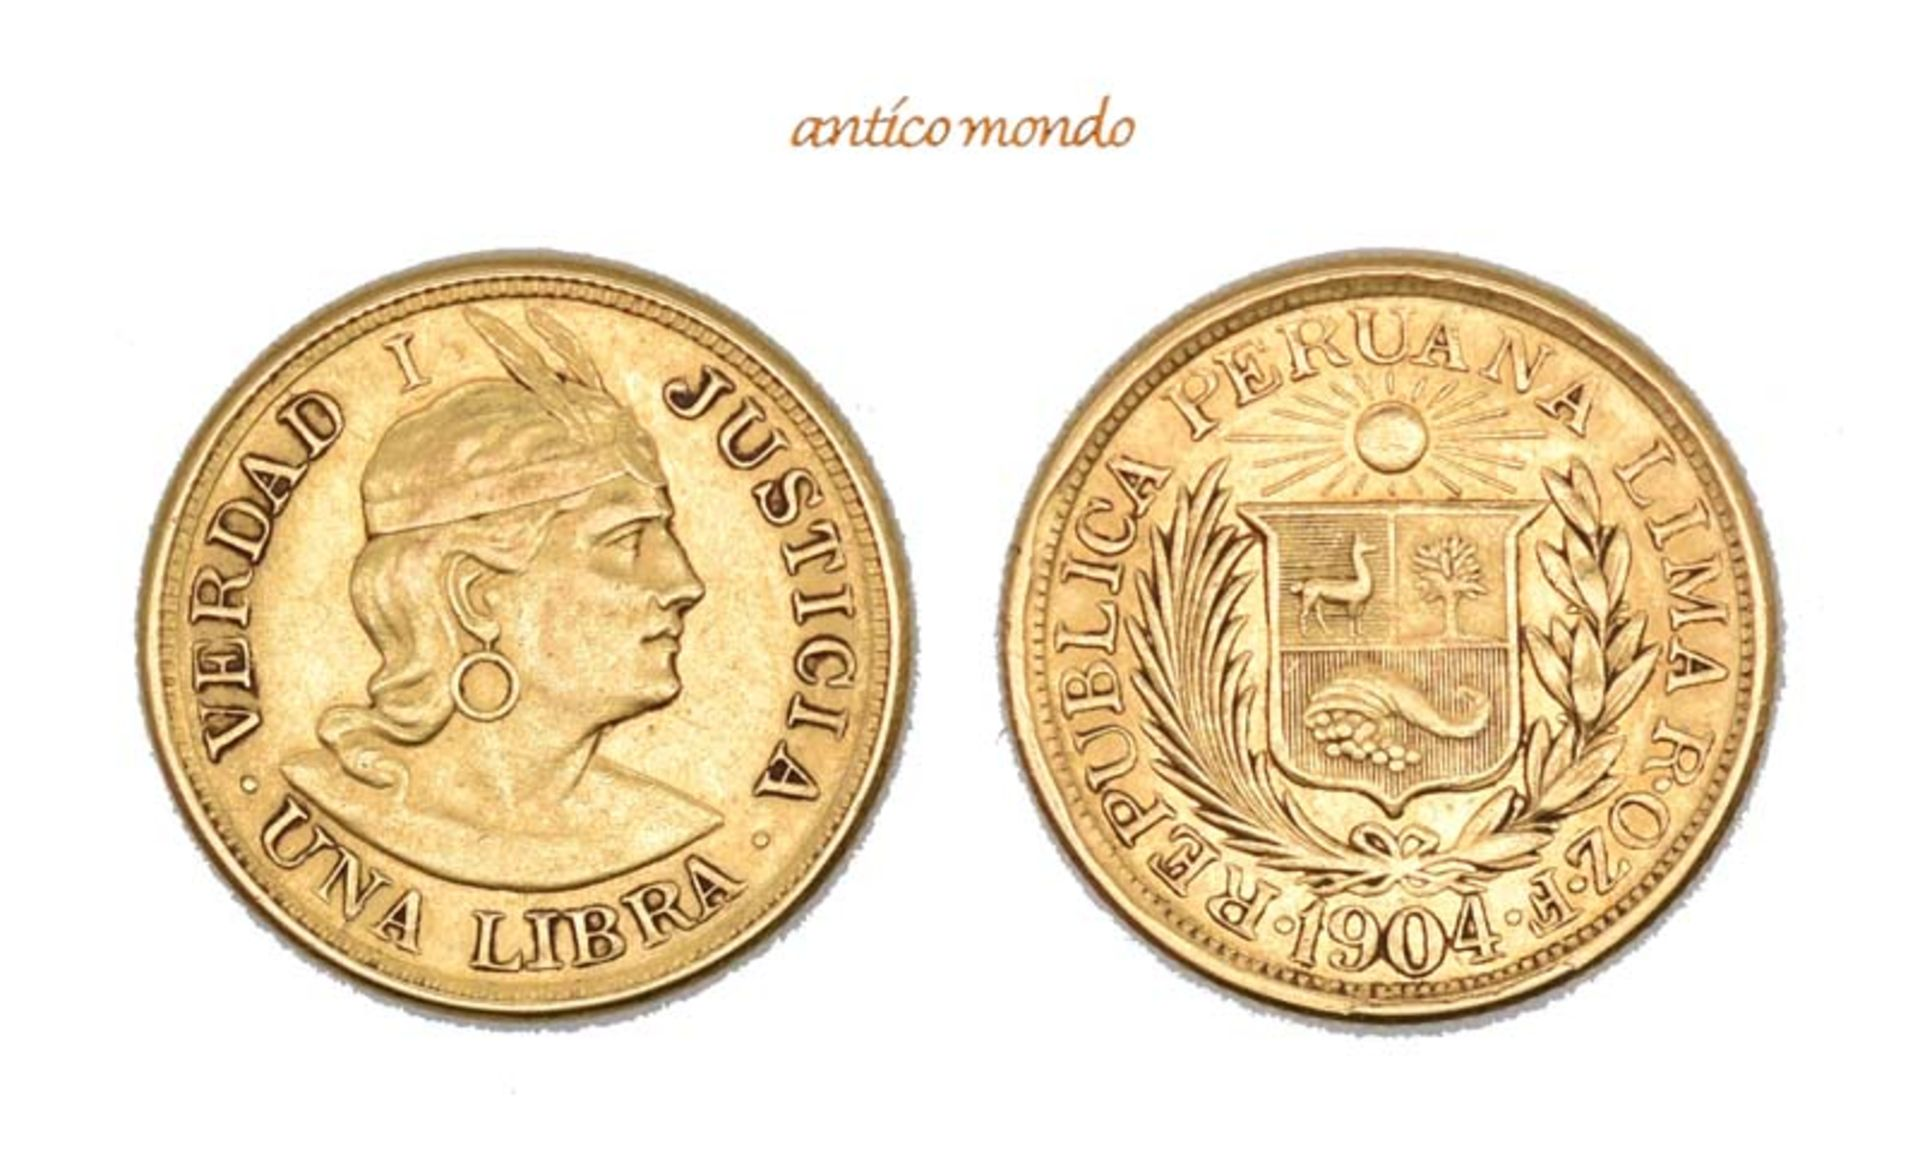 Peru, Republik, Libra, 1904, ehr schön-vorzüglich, 8,00 g- - -21.50 % buyer's premium on the